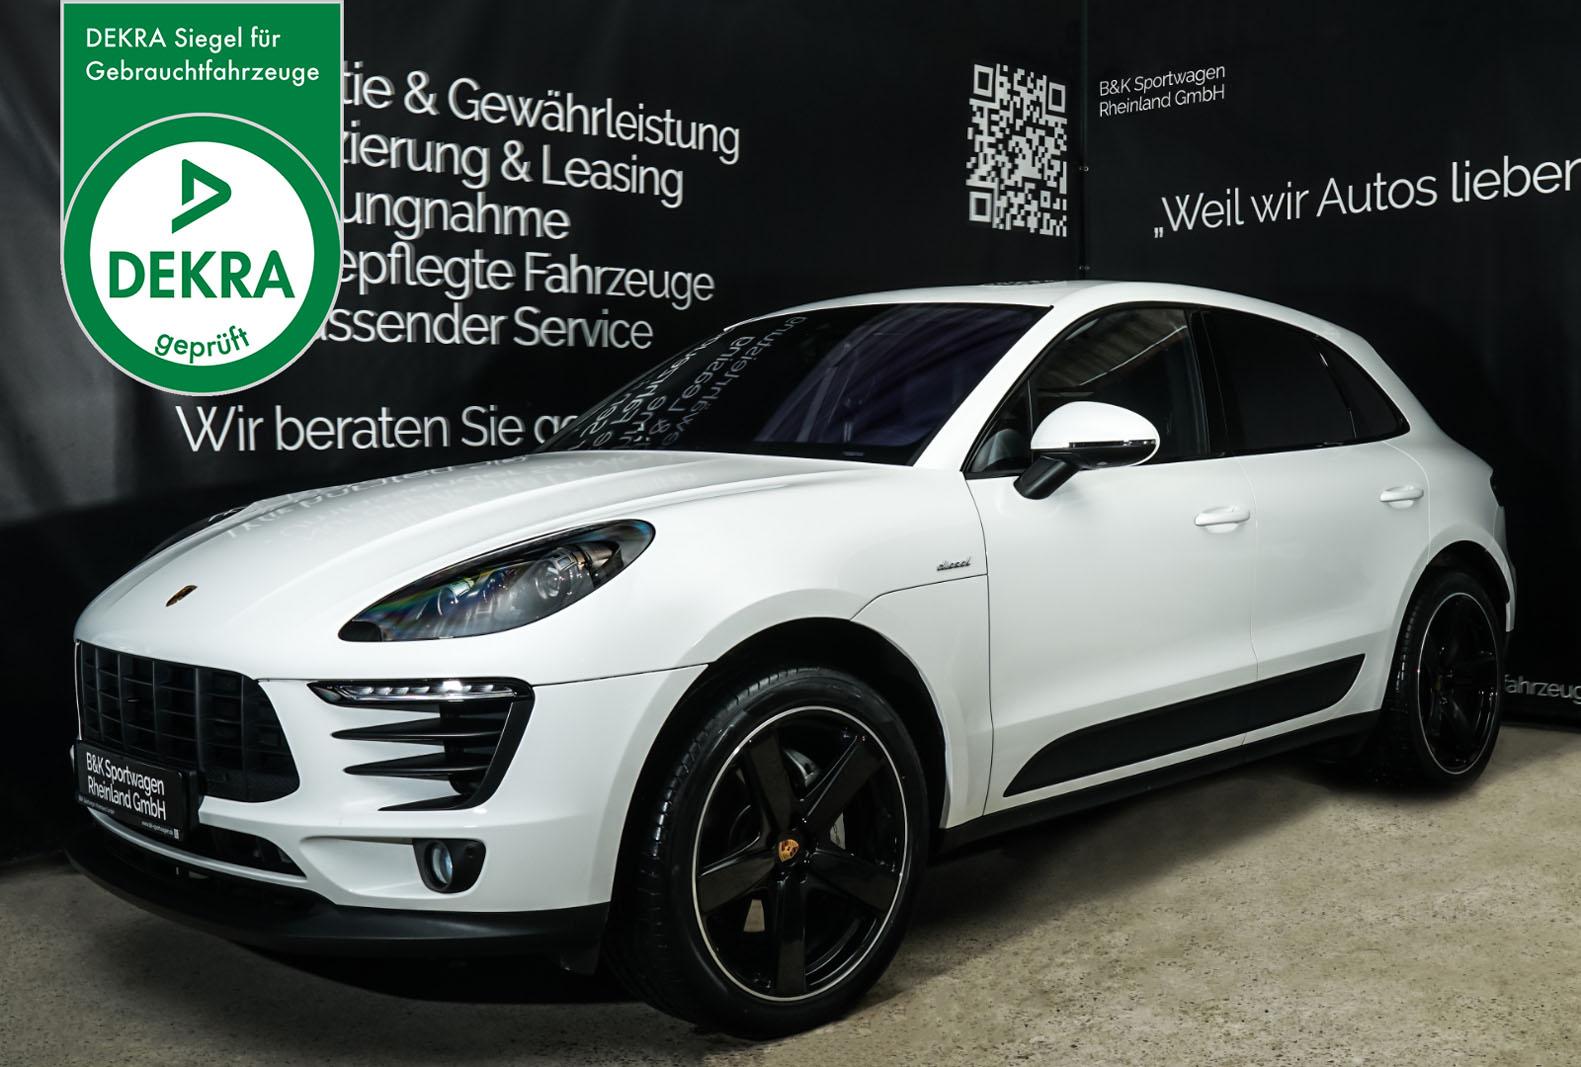 Porsche_Macan_S_Weiß_Schwarz_Por-3526_dekra_gebrauchtwagensiegel_w